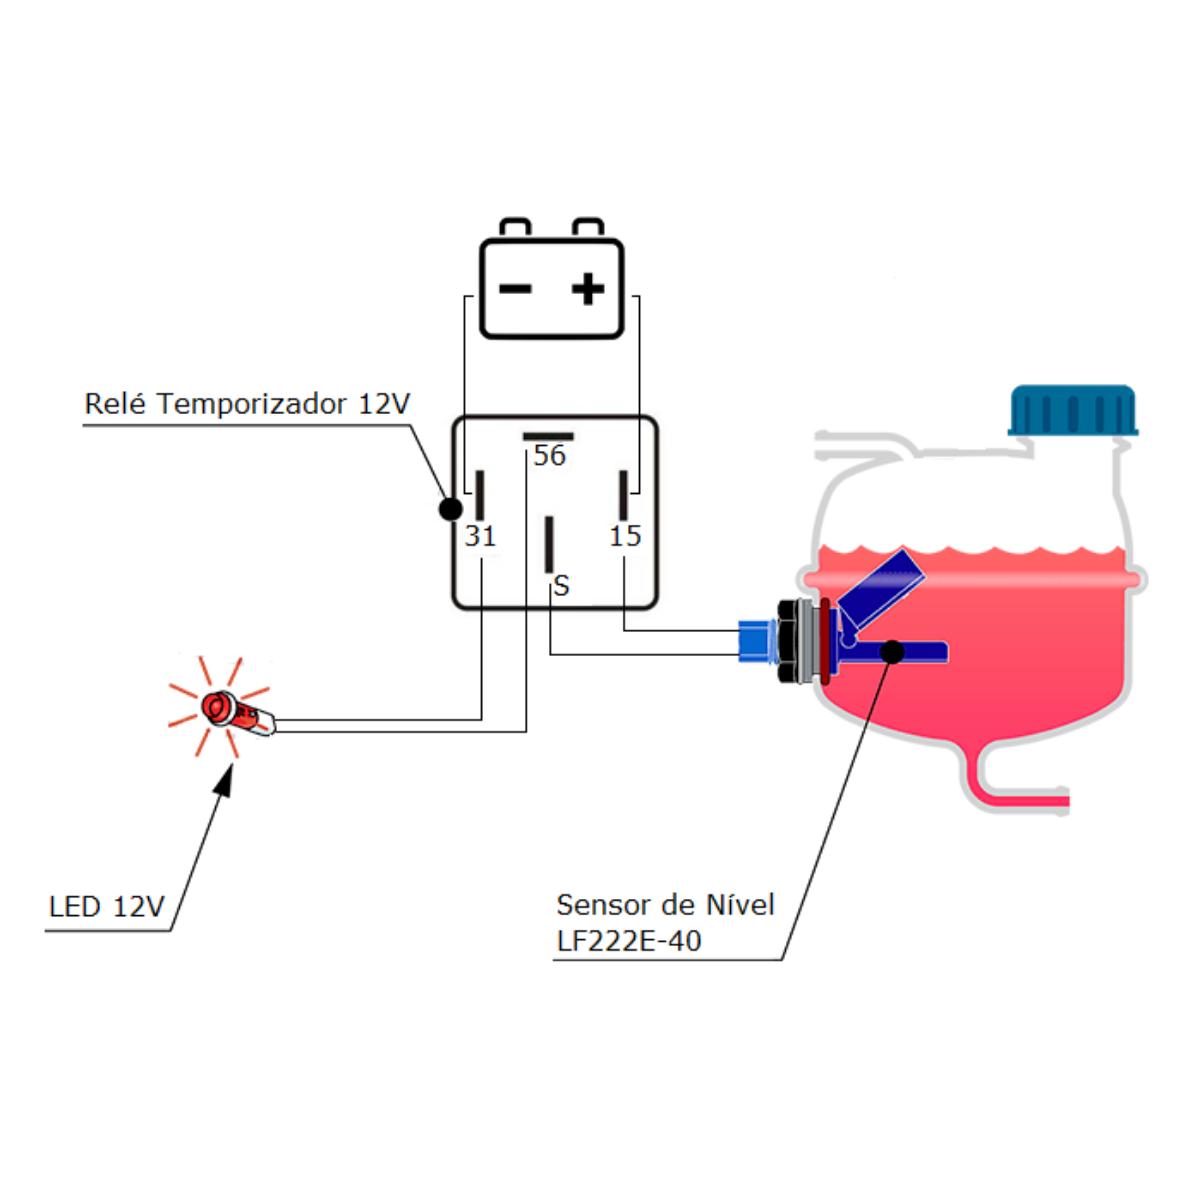 Kit Radiador (LF222E-40 + Sonoro)